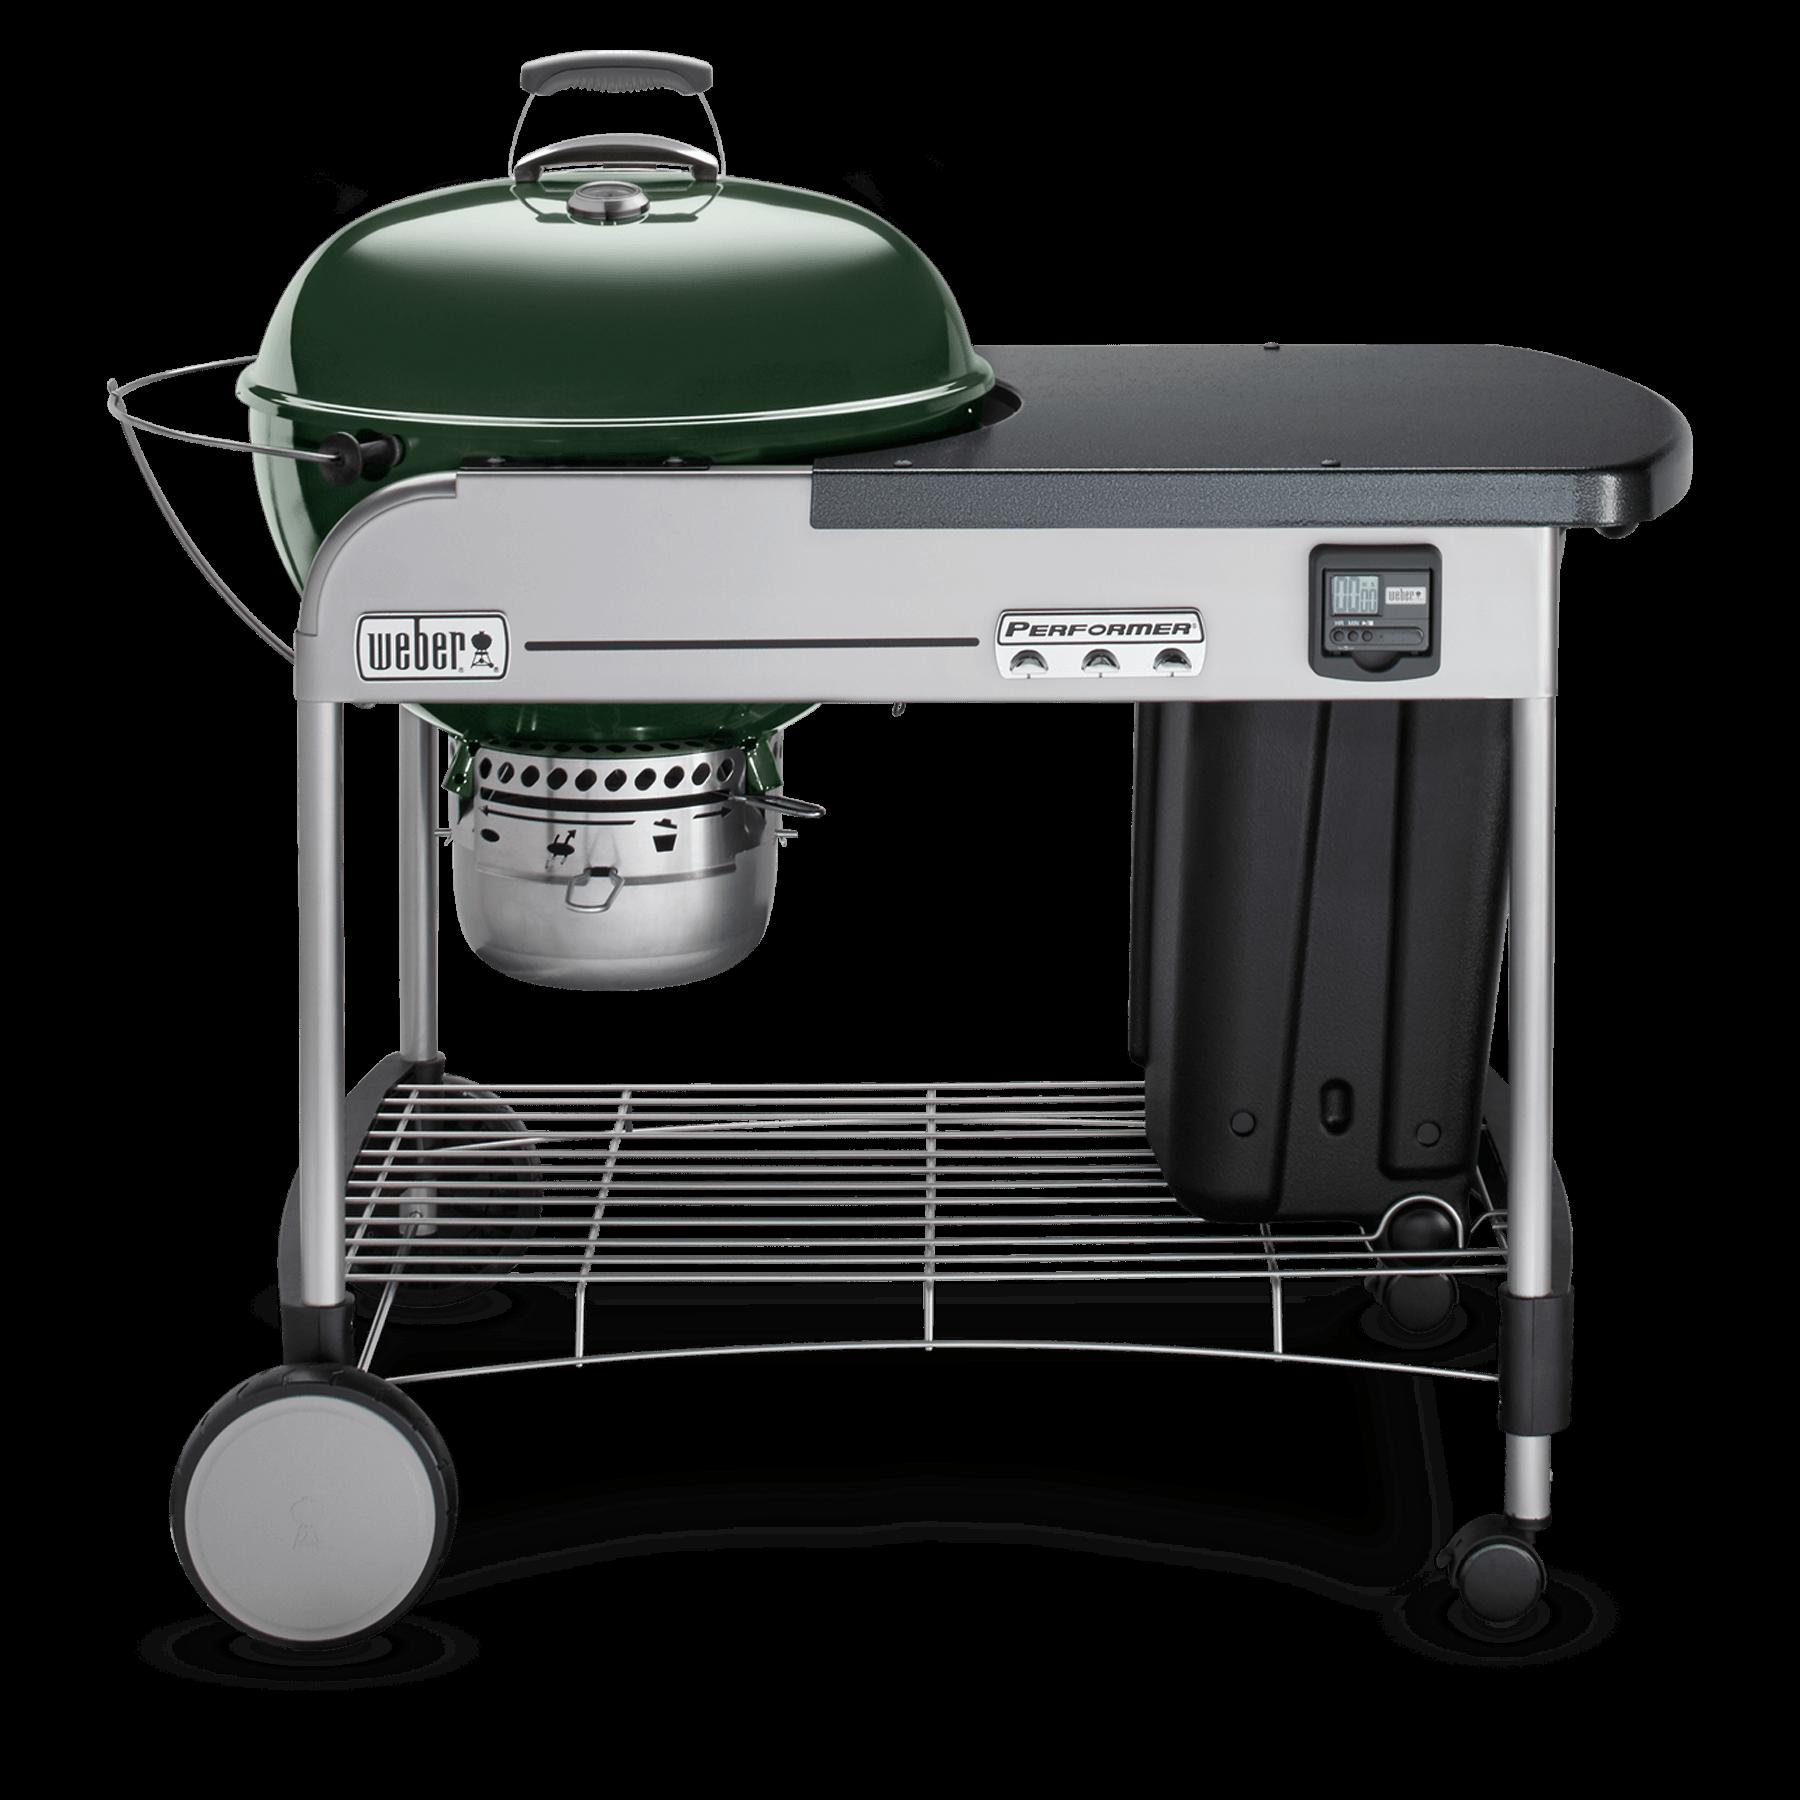 weber 22 performer premium charcoal grill weber grills. Black Bedroom Furniture Sets. Home Design Ideas